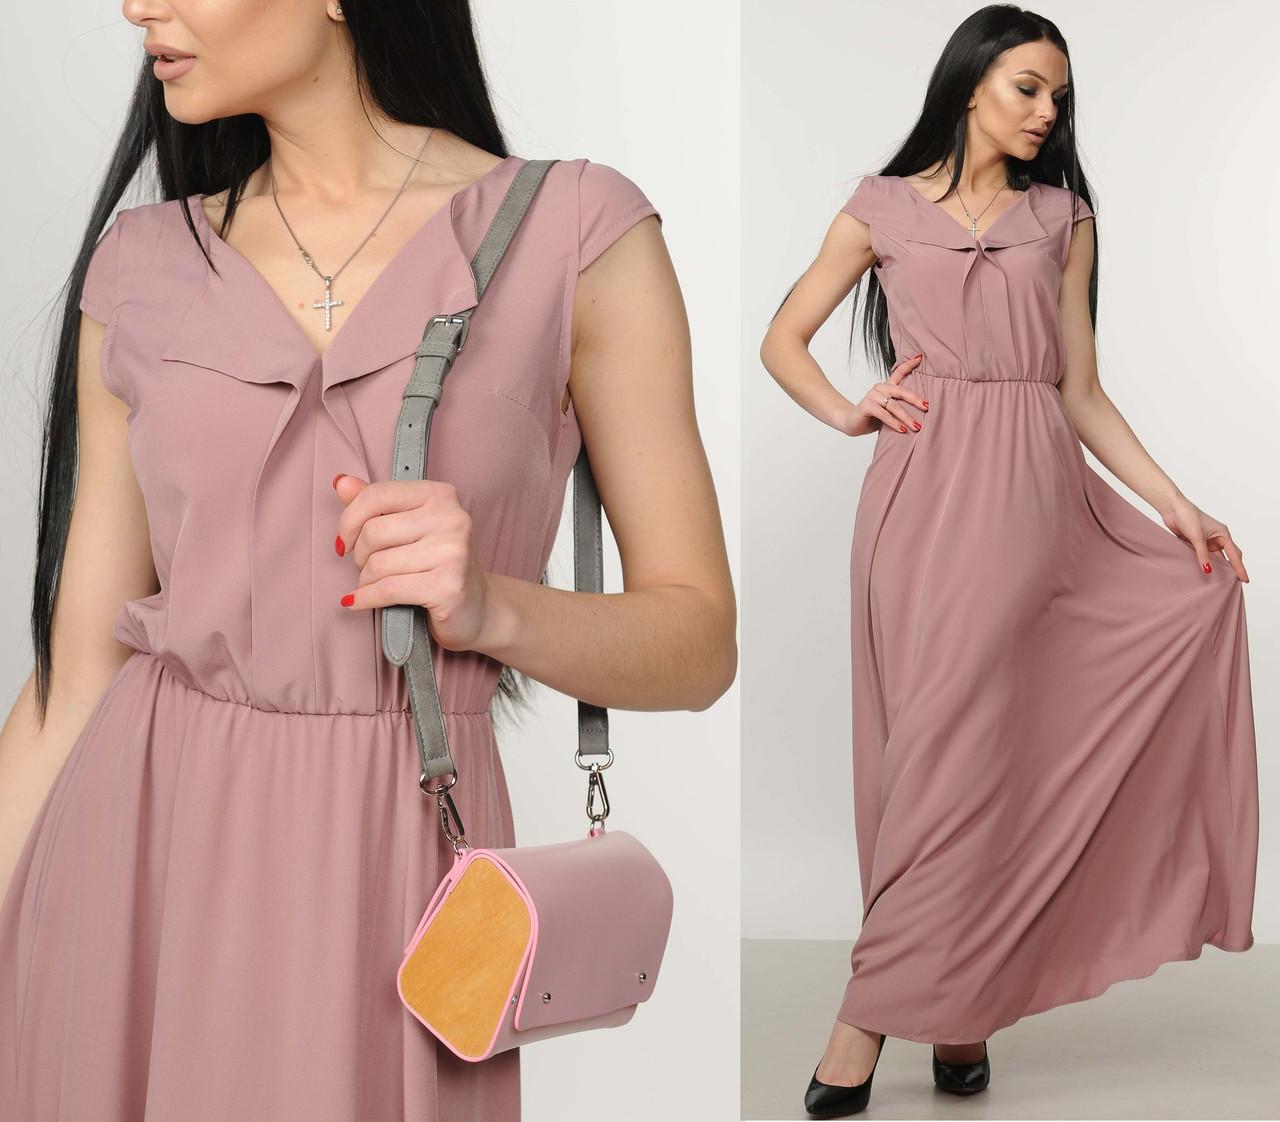 dbd8374d36d Купить Длинное платье в пол макси сарафан легкое женское летнее ...